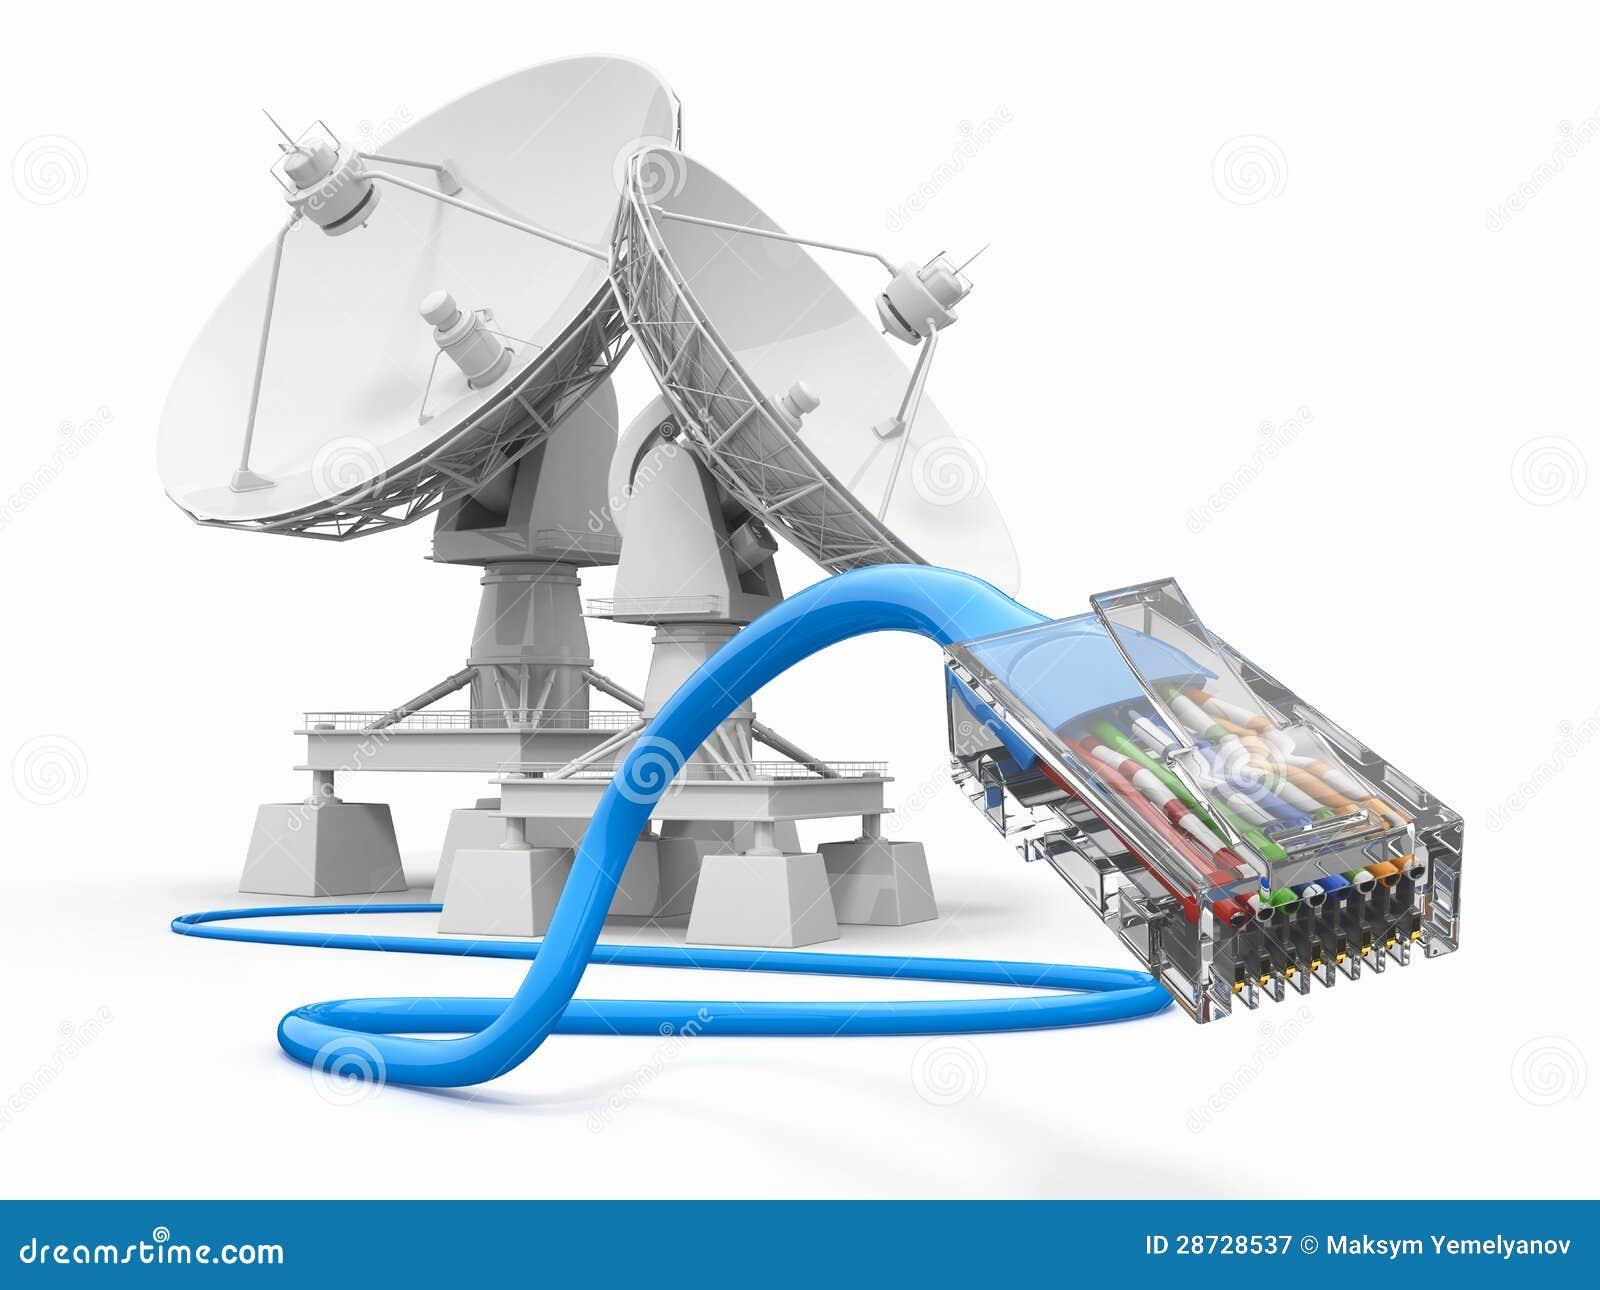 Communiation. Antena parabólica com cabo.